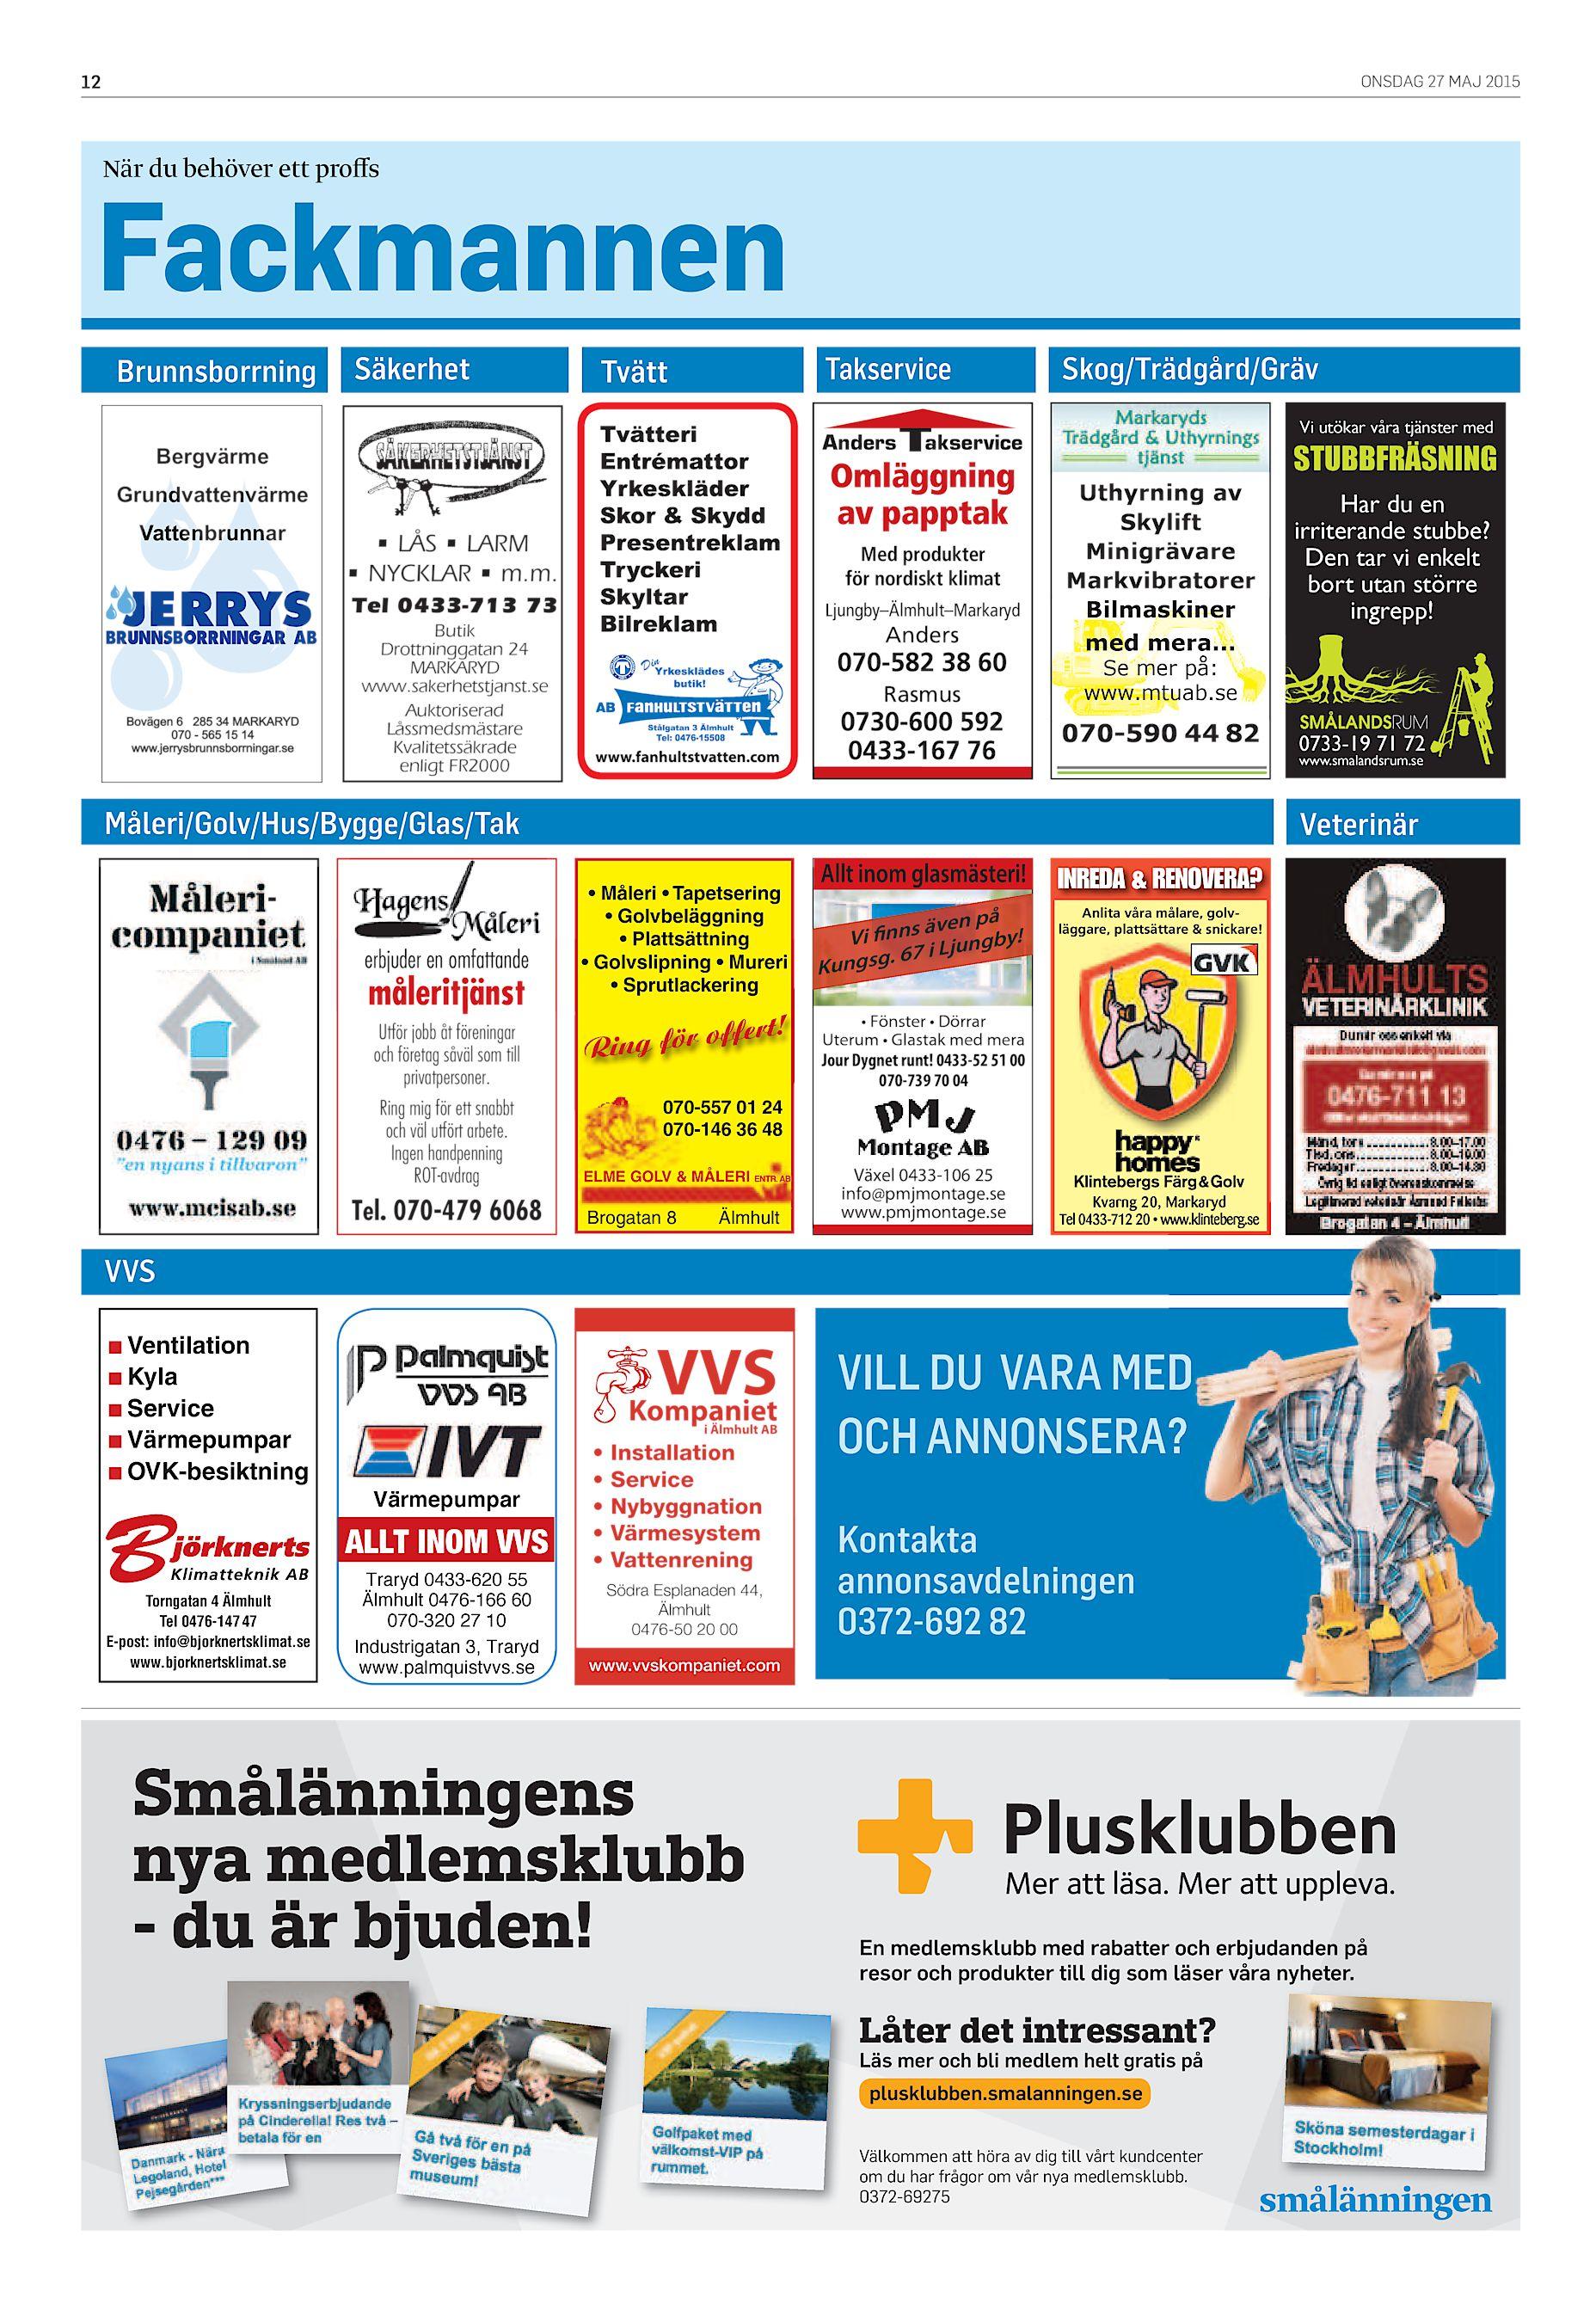 ... Med produkter för nordiskt klimat Tel 0433-713 73 Bovägen 6 285 34  MARKARYD 070 - 565 15 14 www.jerrysbrunnsborrningar.se  Ljungby–Älmhult–Markaryd Butik ... fc4a76e1b3d04